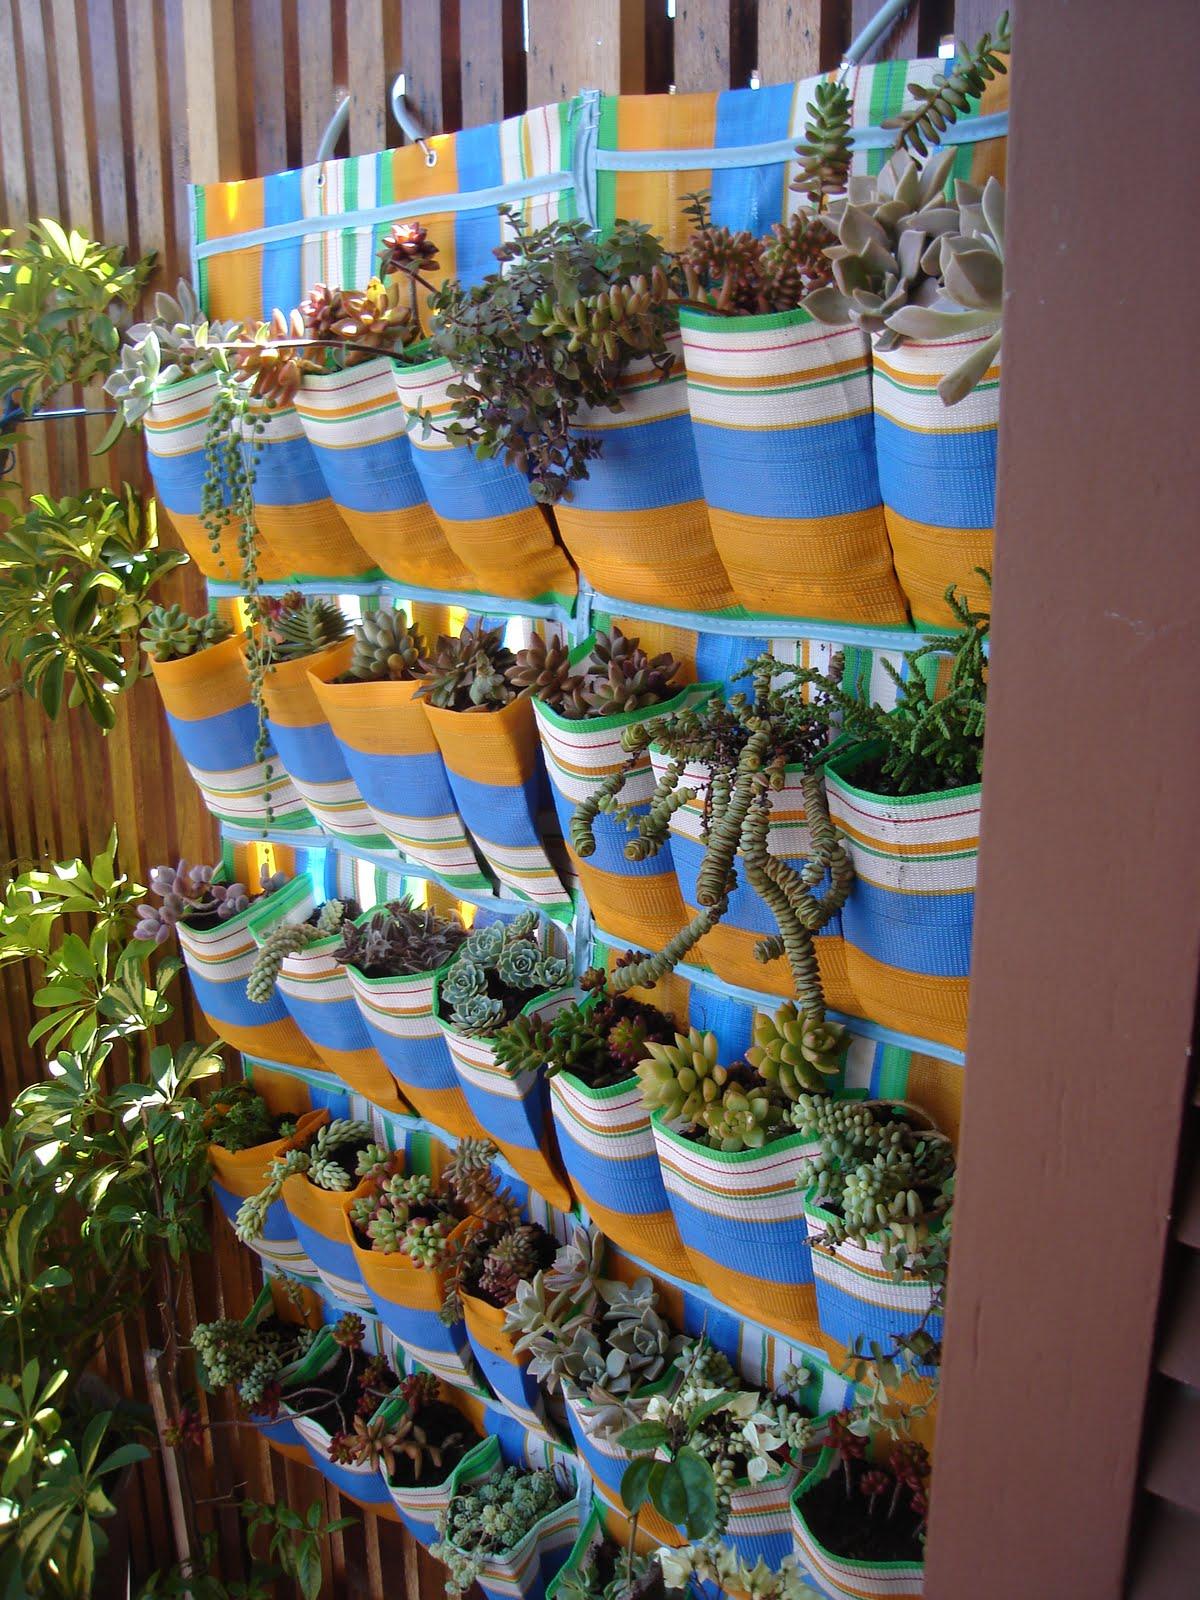 jardim vertical de garrafa pet passo a passo:ma escada de madeira velha ou bambu, barbantes e latas de todas as